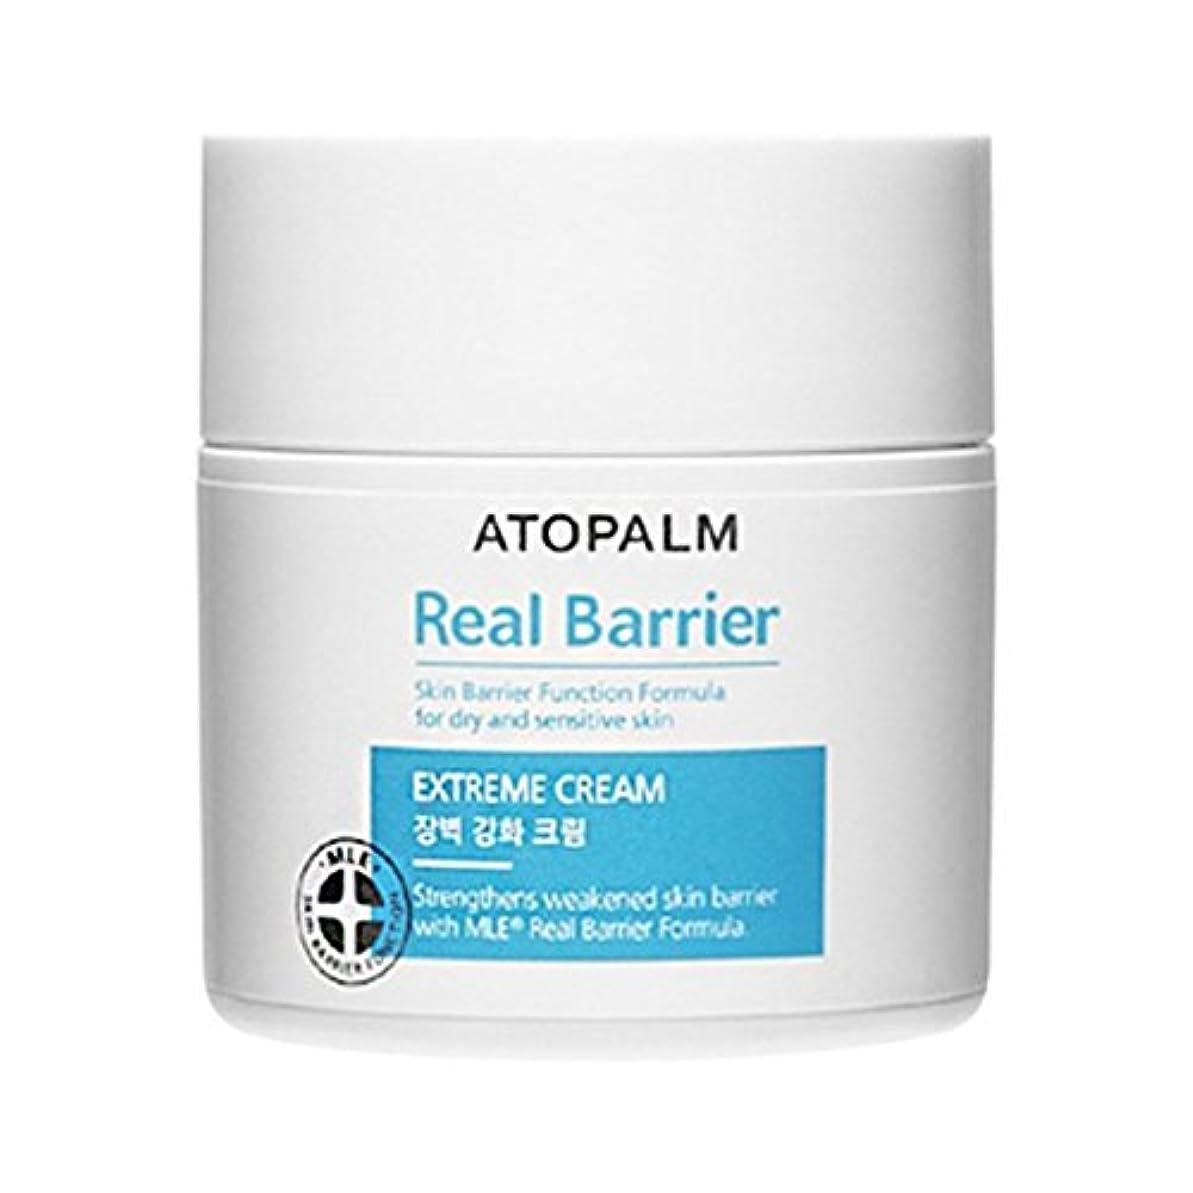 読む撤回する信念アトファムリアルバリア・エクストリームクリーム50ml、韓国化粧品 ATOPALM Real Barrier Extream Cream 50ml, Korean Cosmetics [並行輸入品]